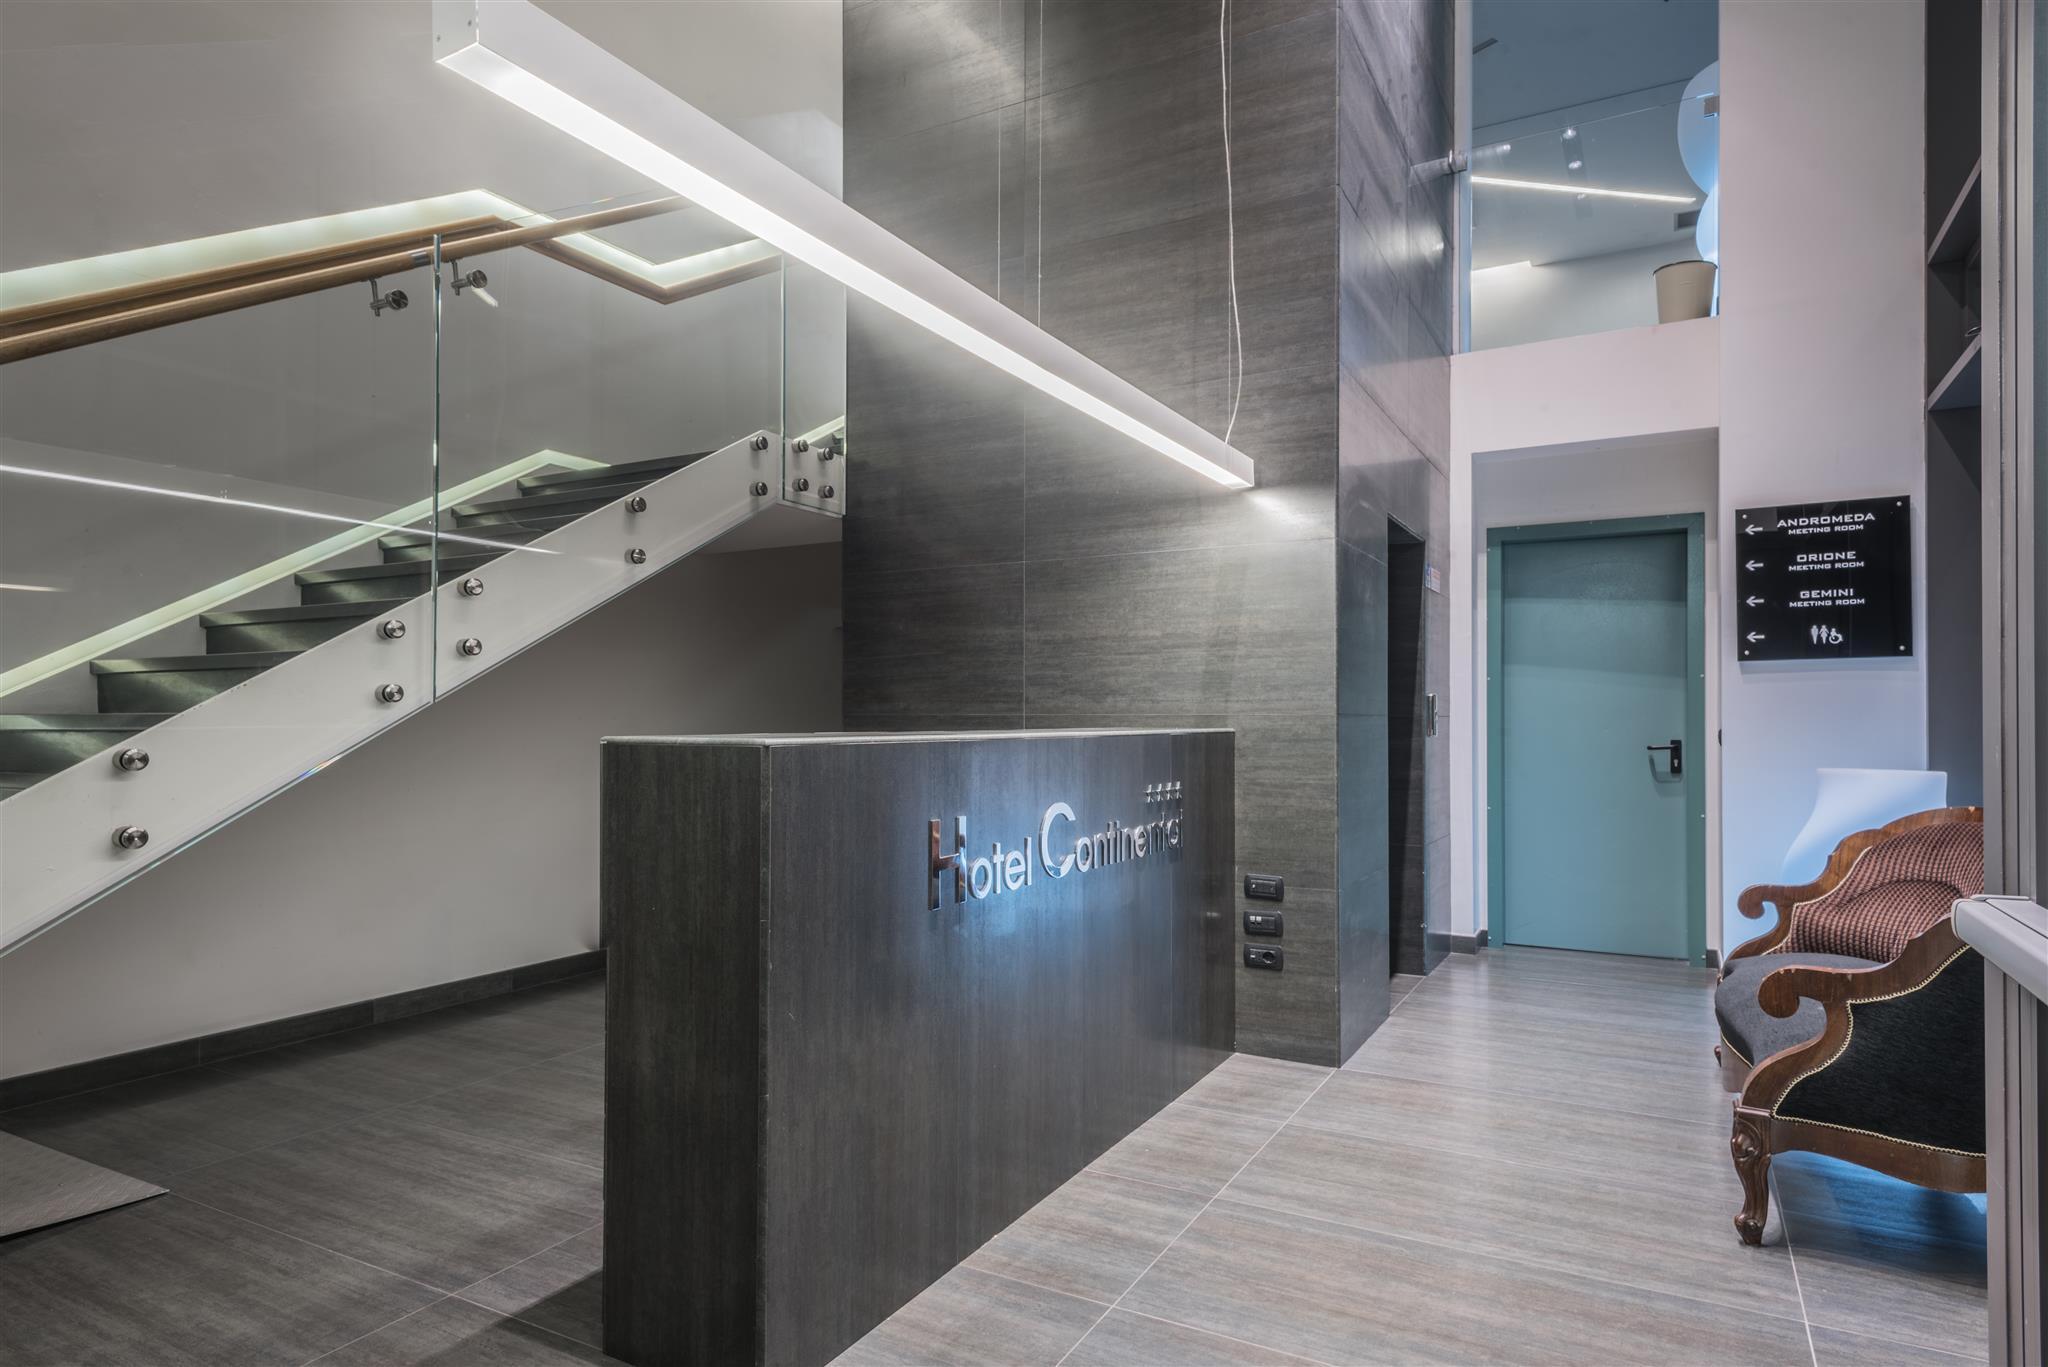 Hotel continental bologna business lifestyle for Hotel casalecchio di reno vicino unipol arena